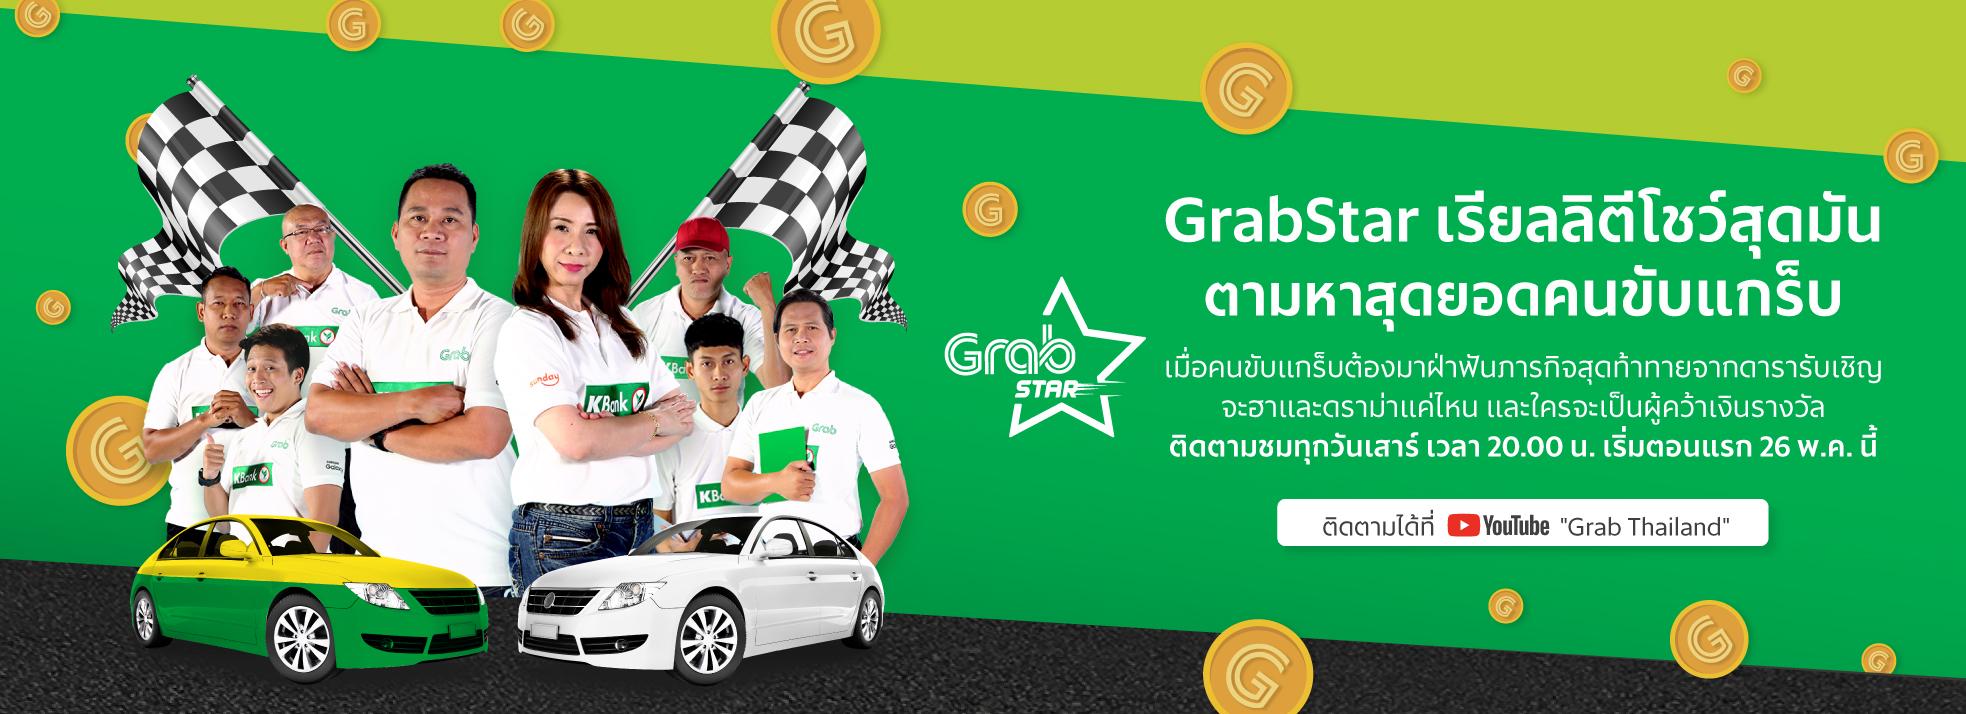 Copy of Copy of GrabStar-KV.jpg